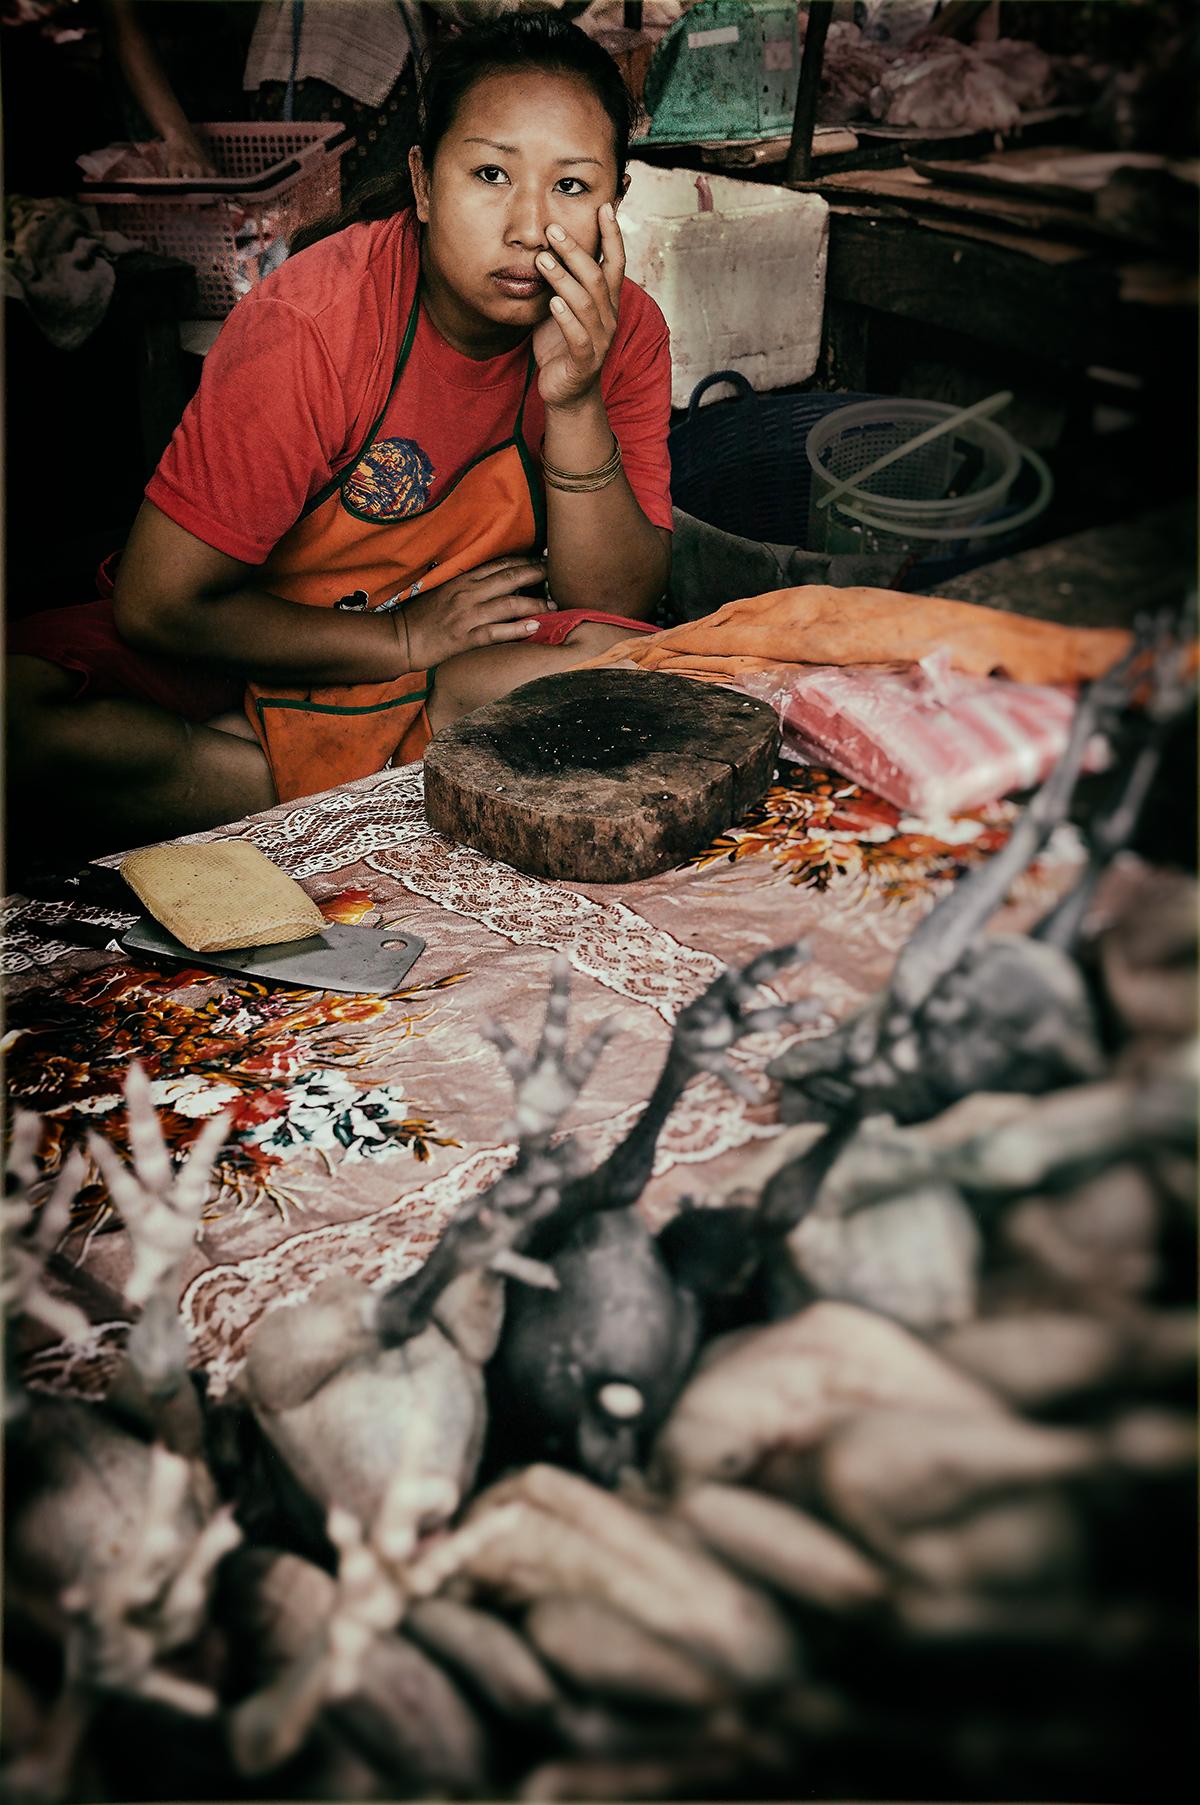 LAOS_LUANG_PRABANG_19062010_012.jpg